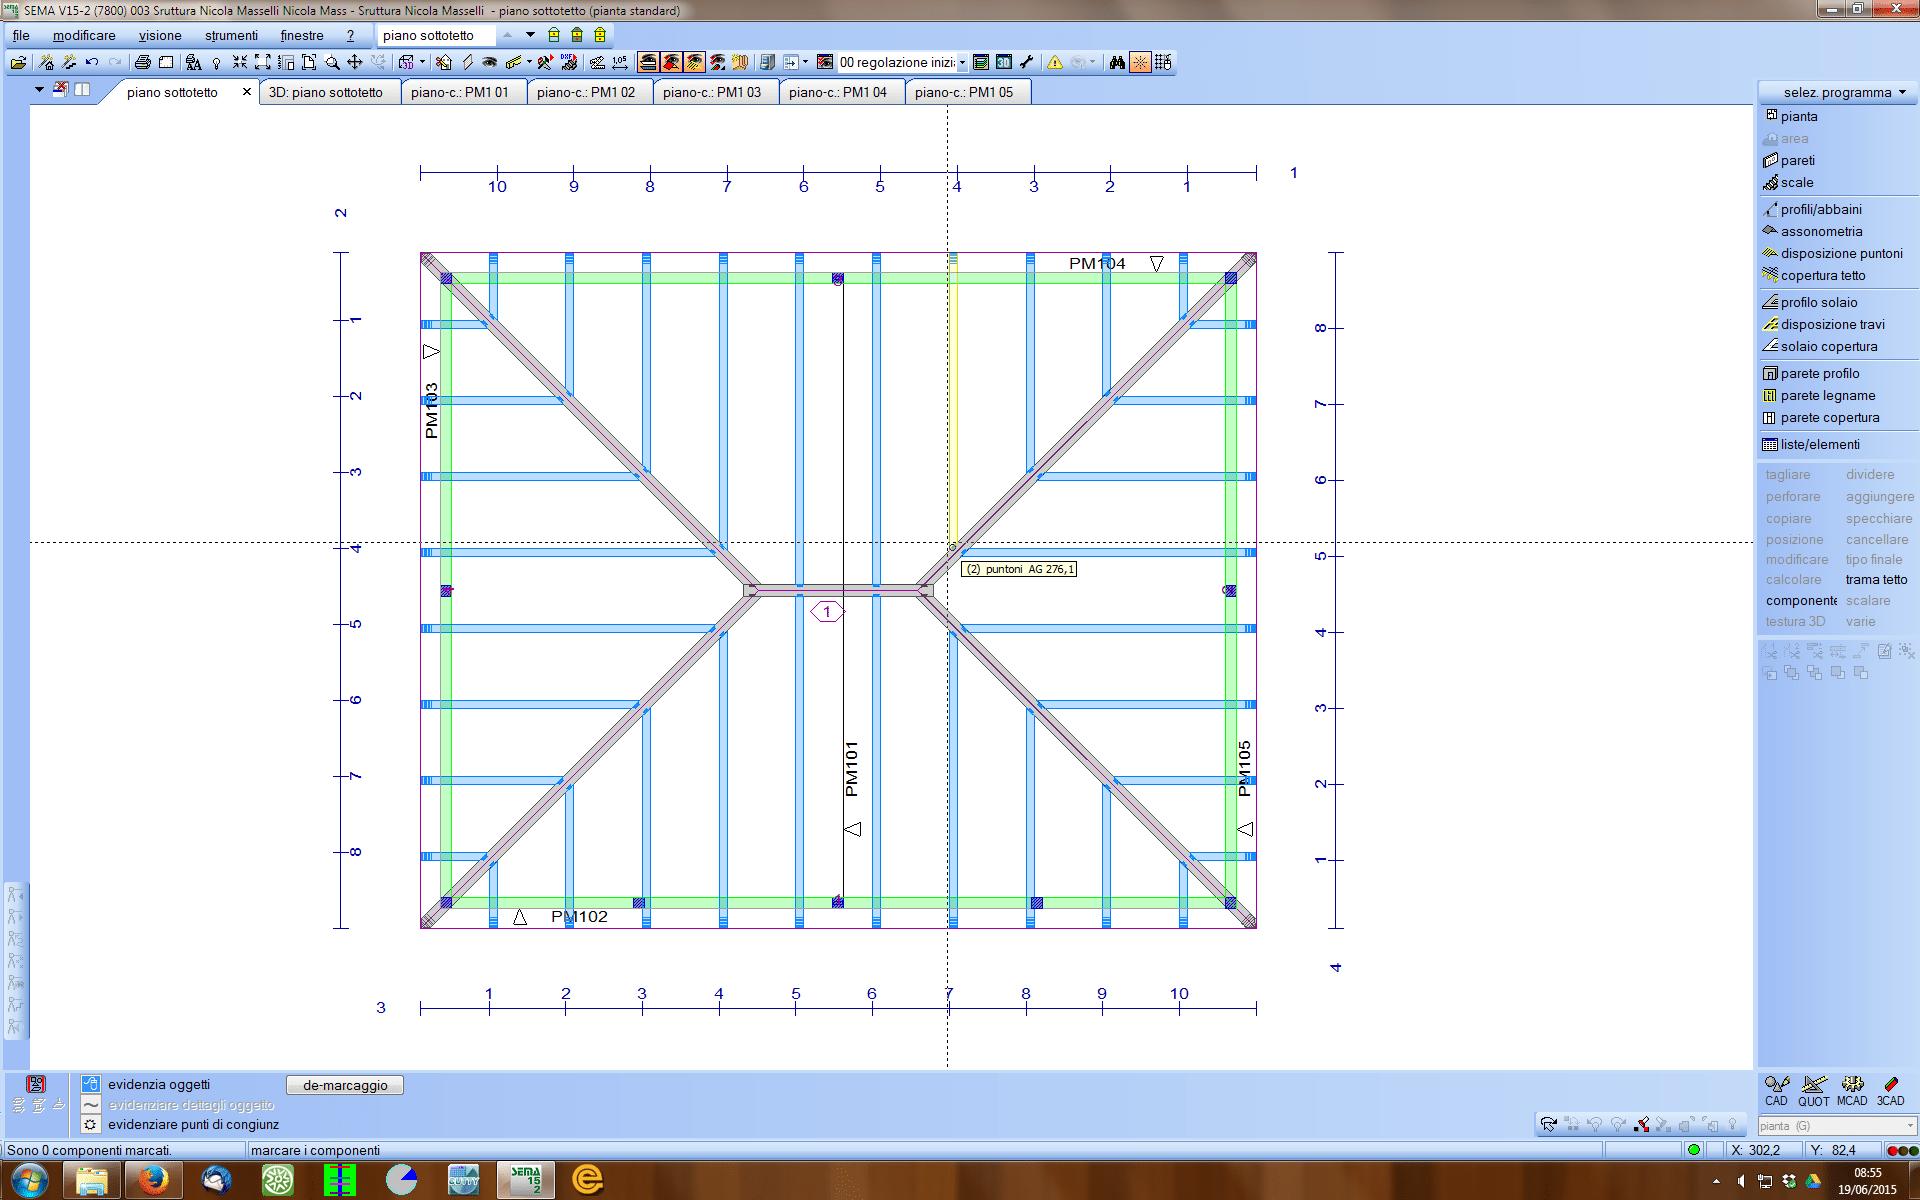 Progettazione completa di tetti e strutture in legno in 3d for Programma per disegnare in 3d facile